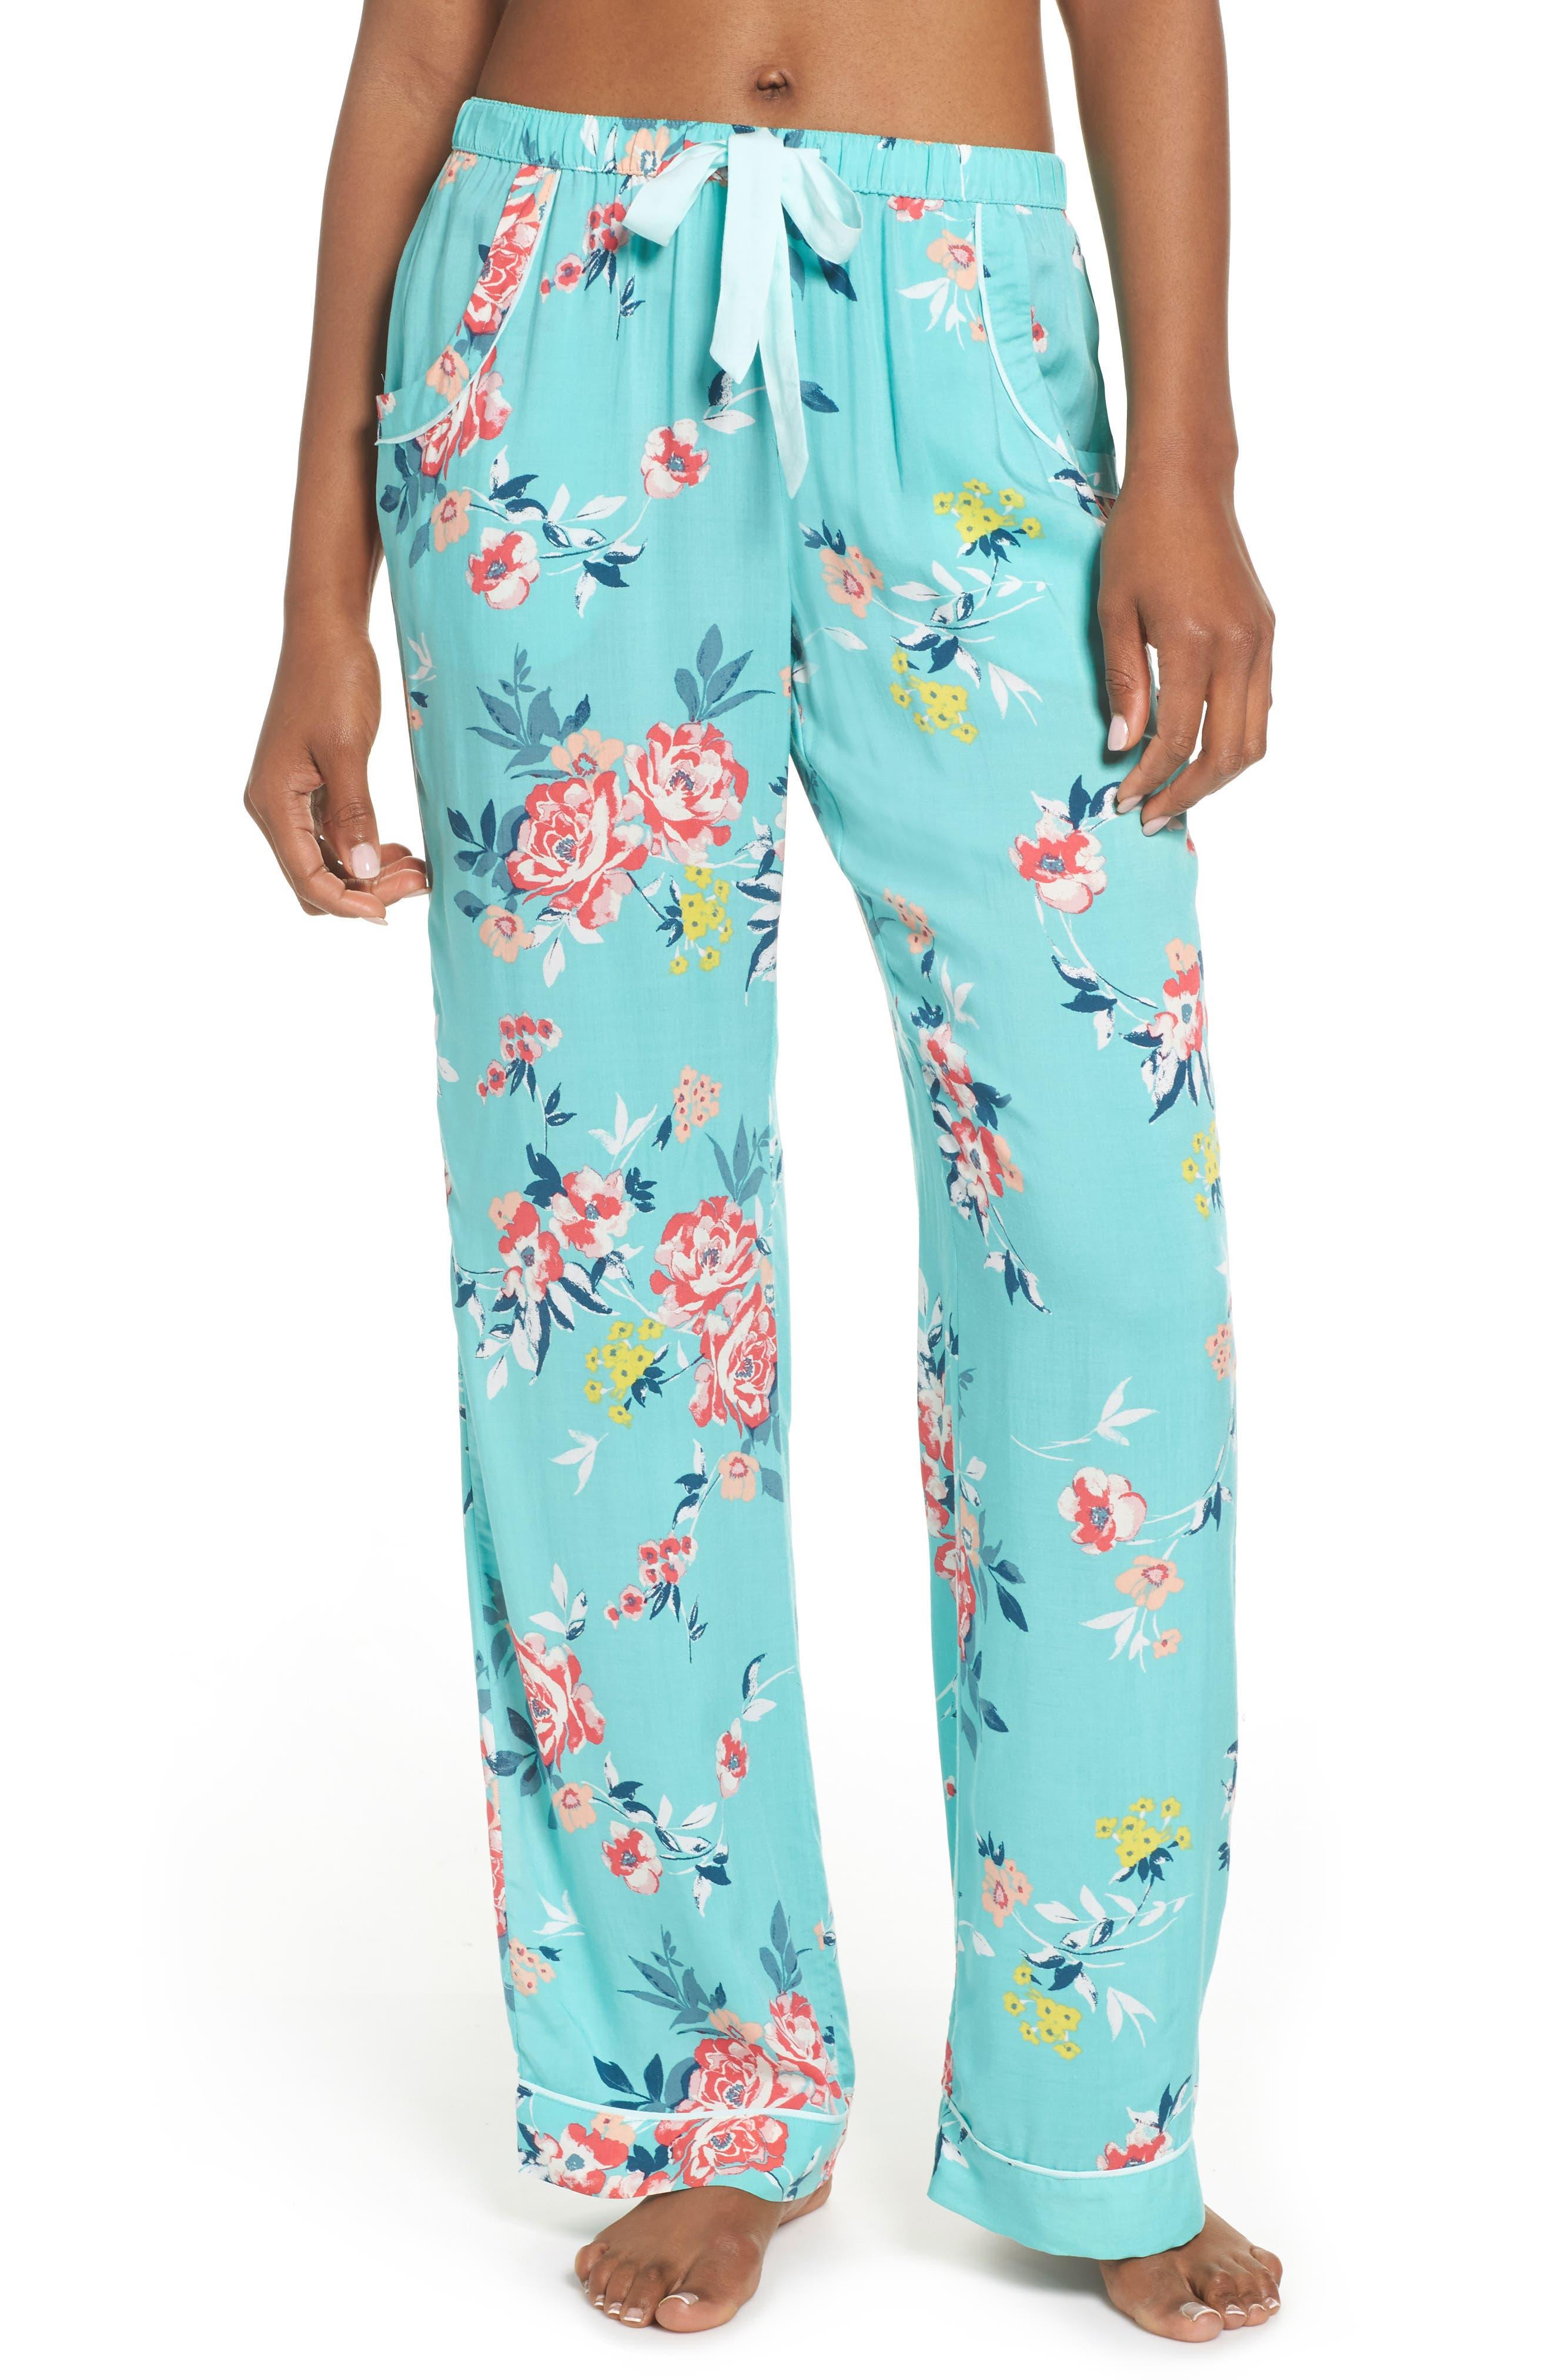 Sweet Dreams Lounge Pants,                             Main thumbnail 2, color,